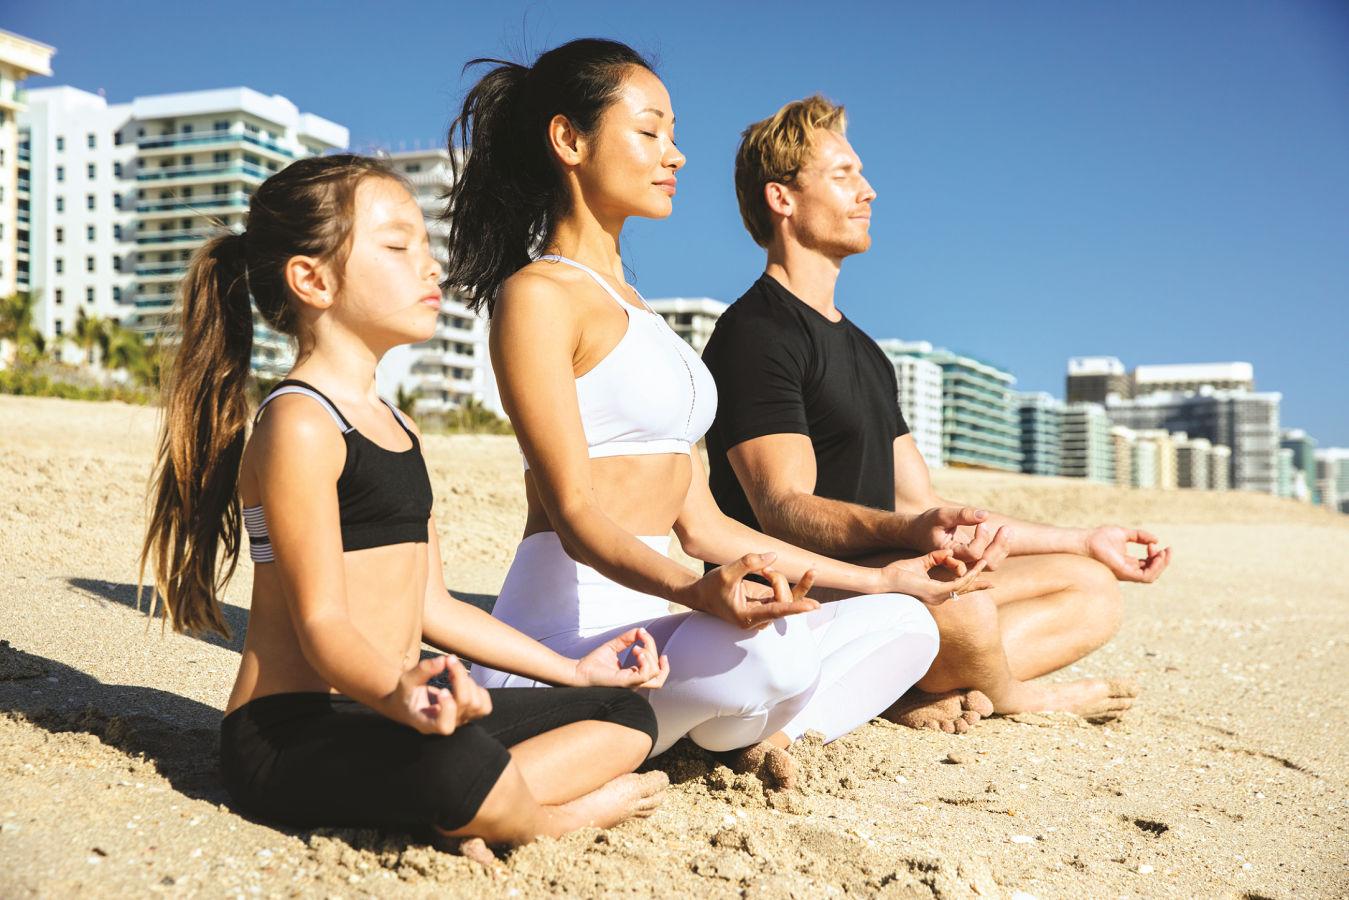 Find your beach Zen.